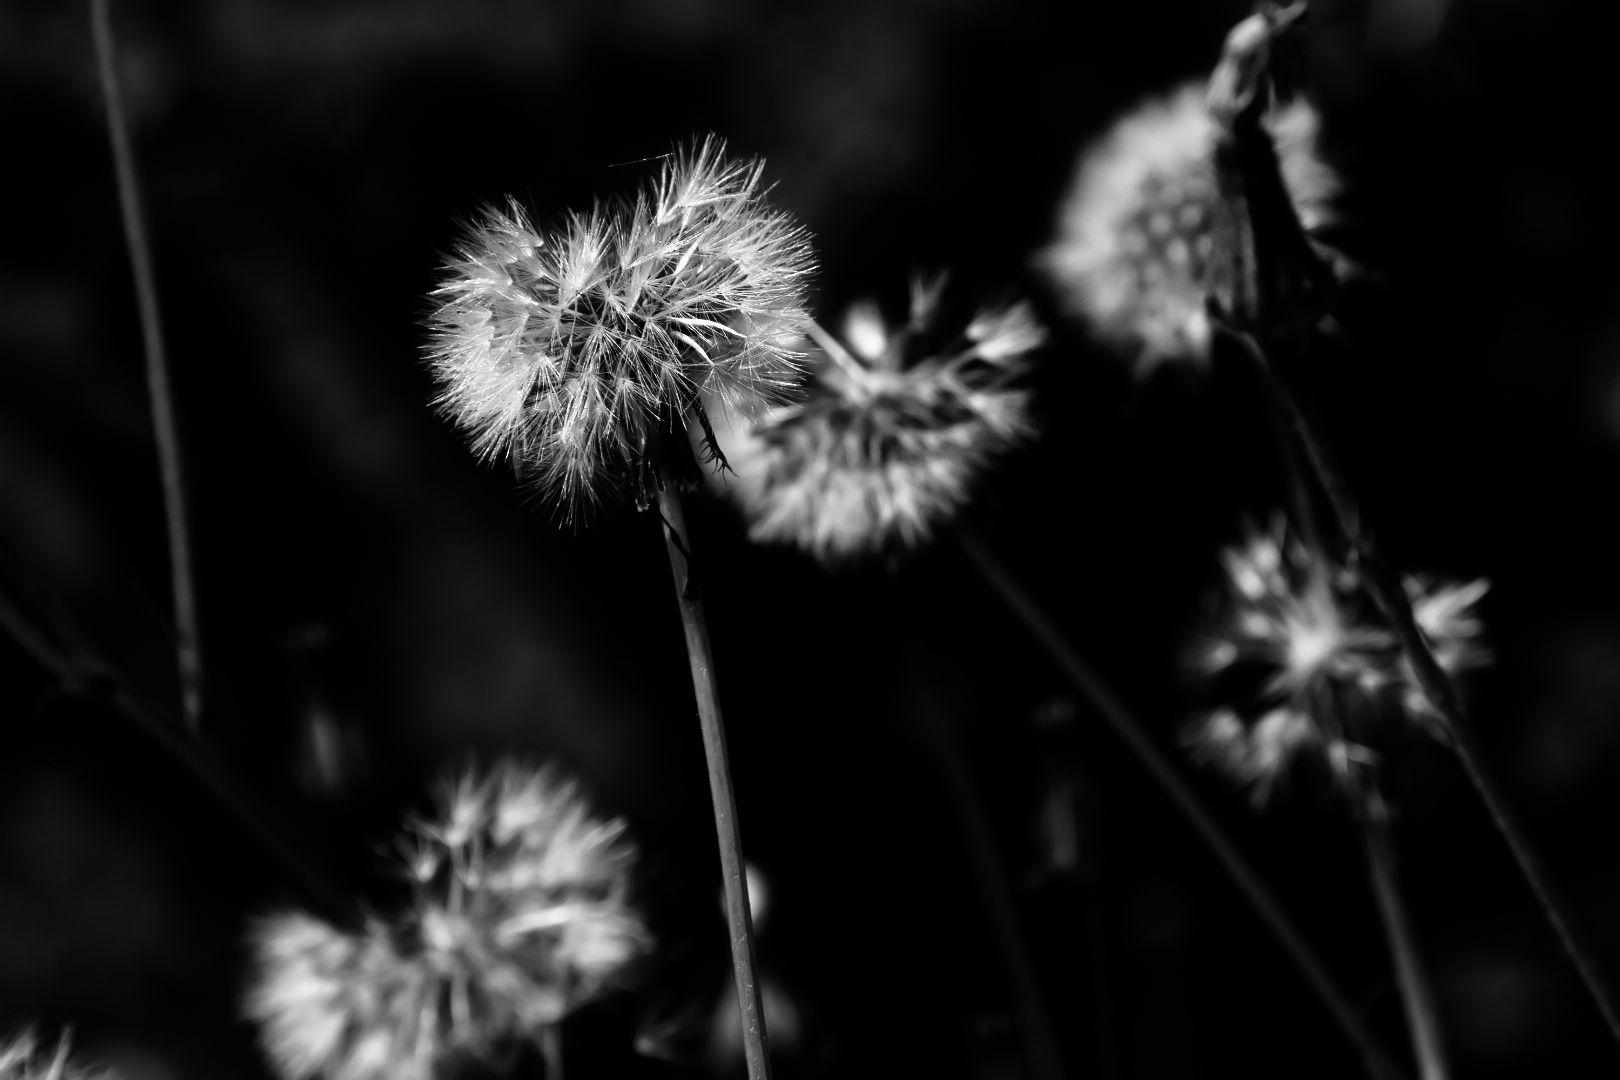 dandelion-in-b-w